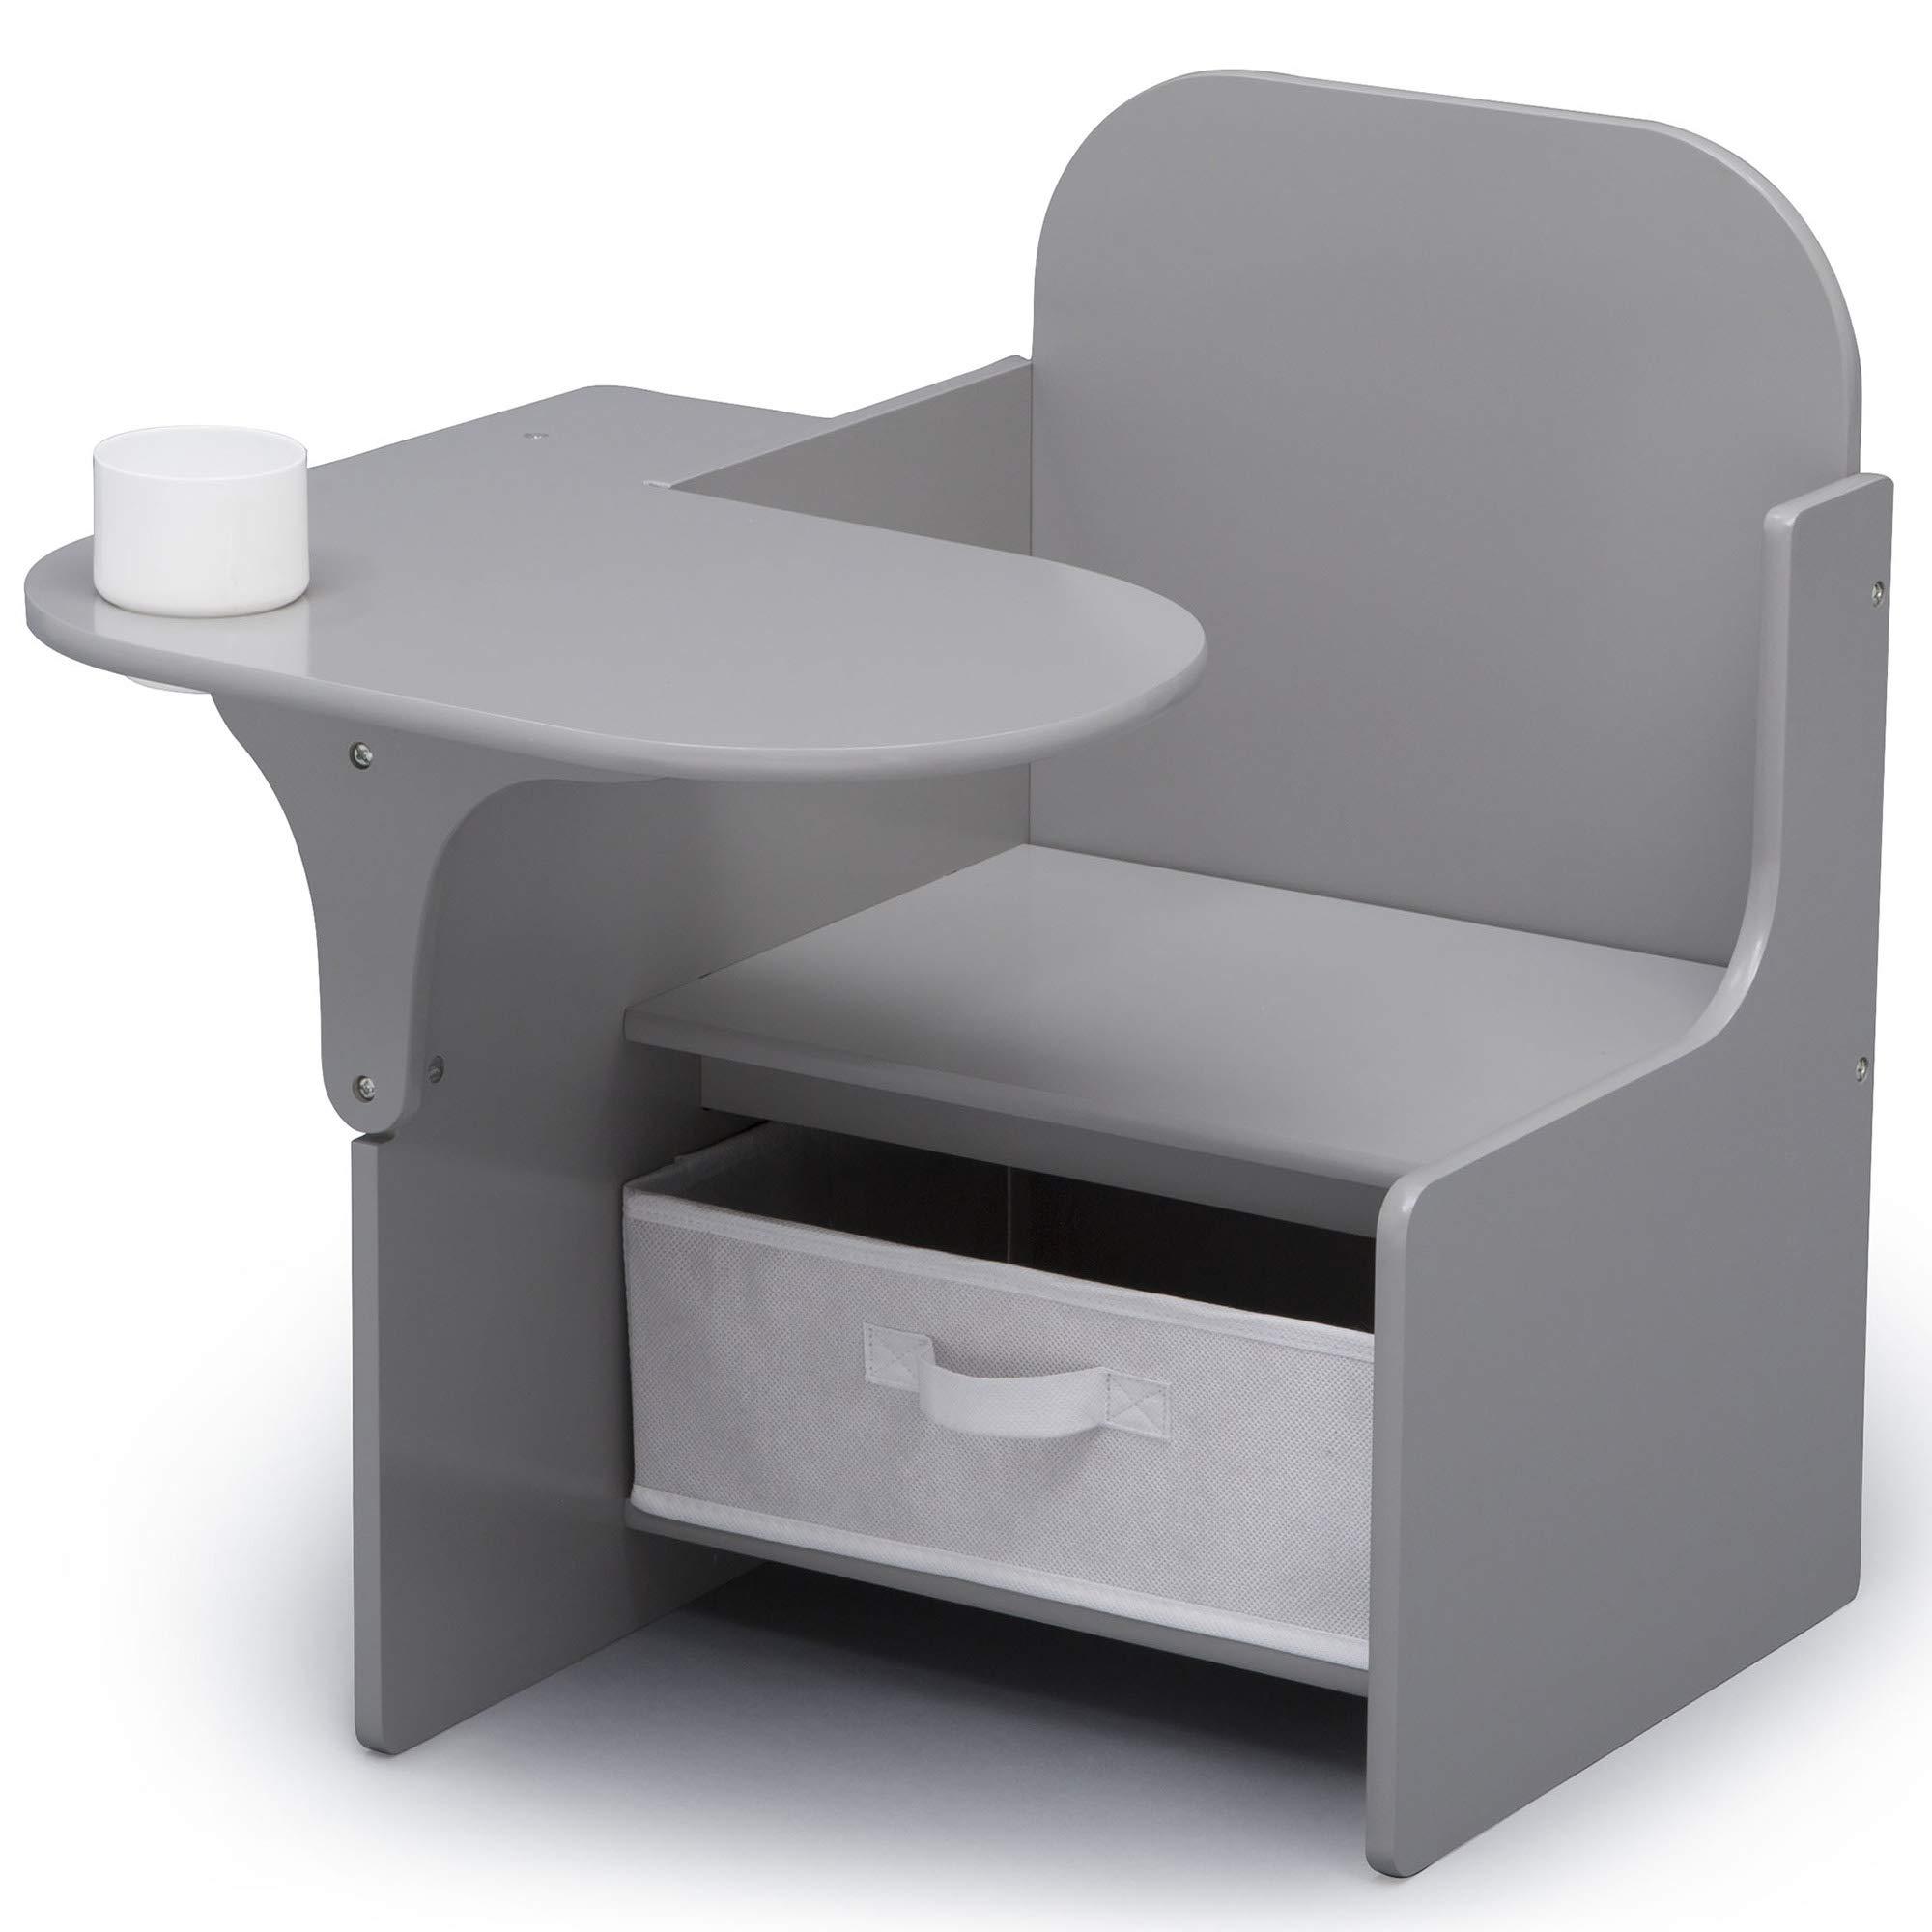 Delta Children Chair Desk with Storage Bin by Delta Children